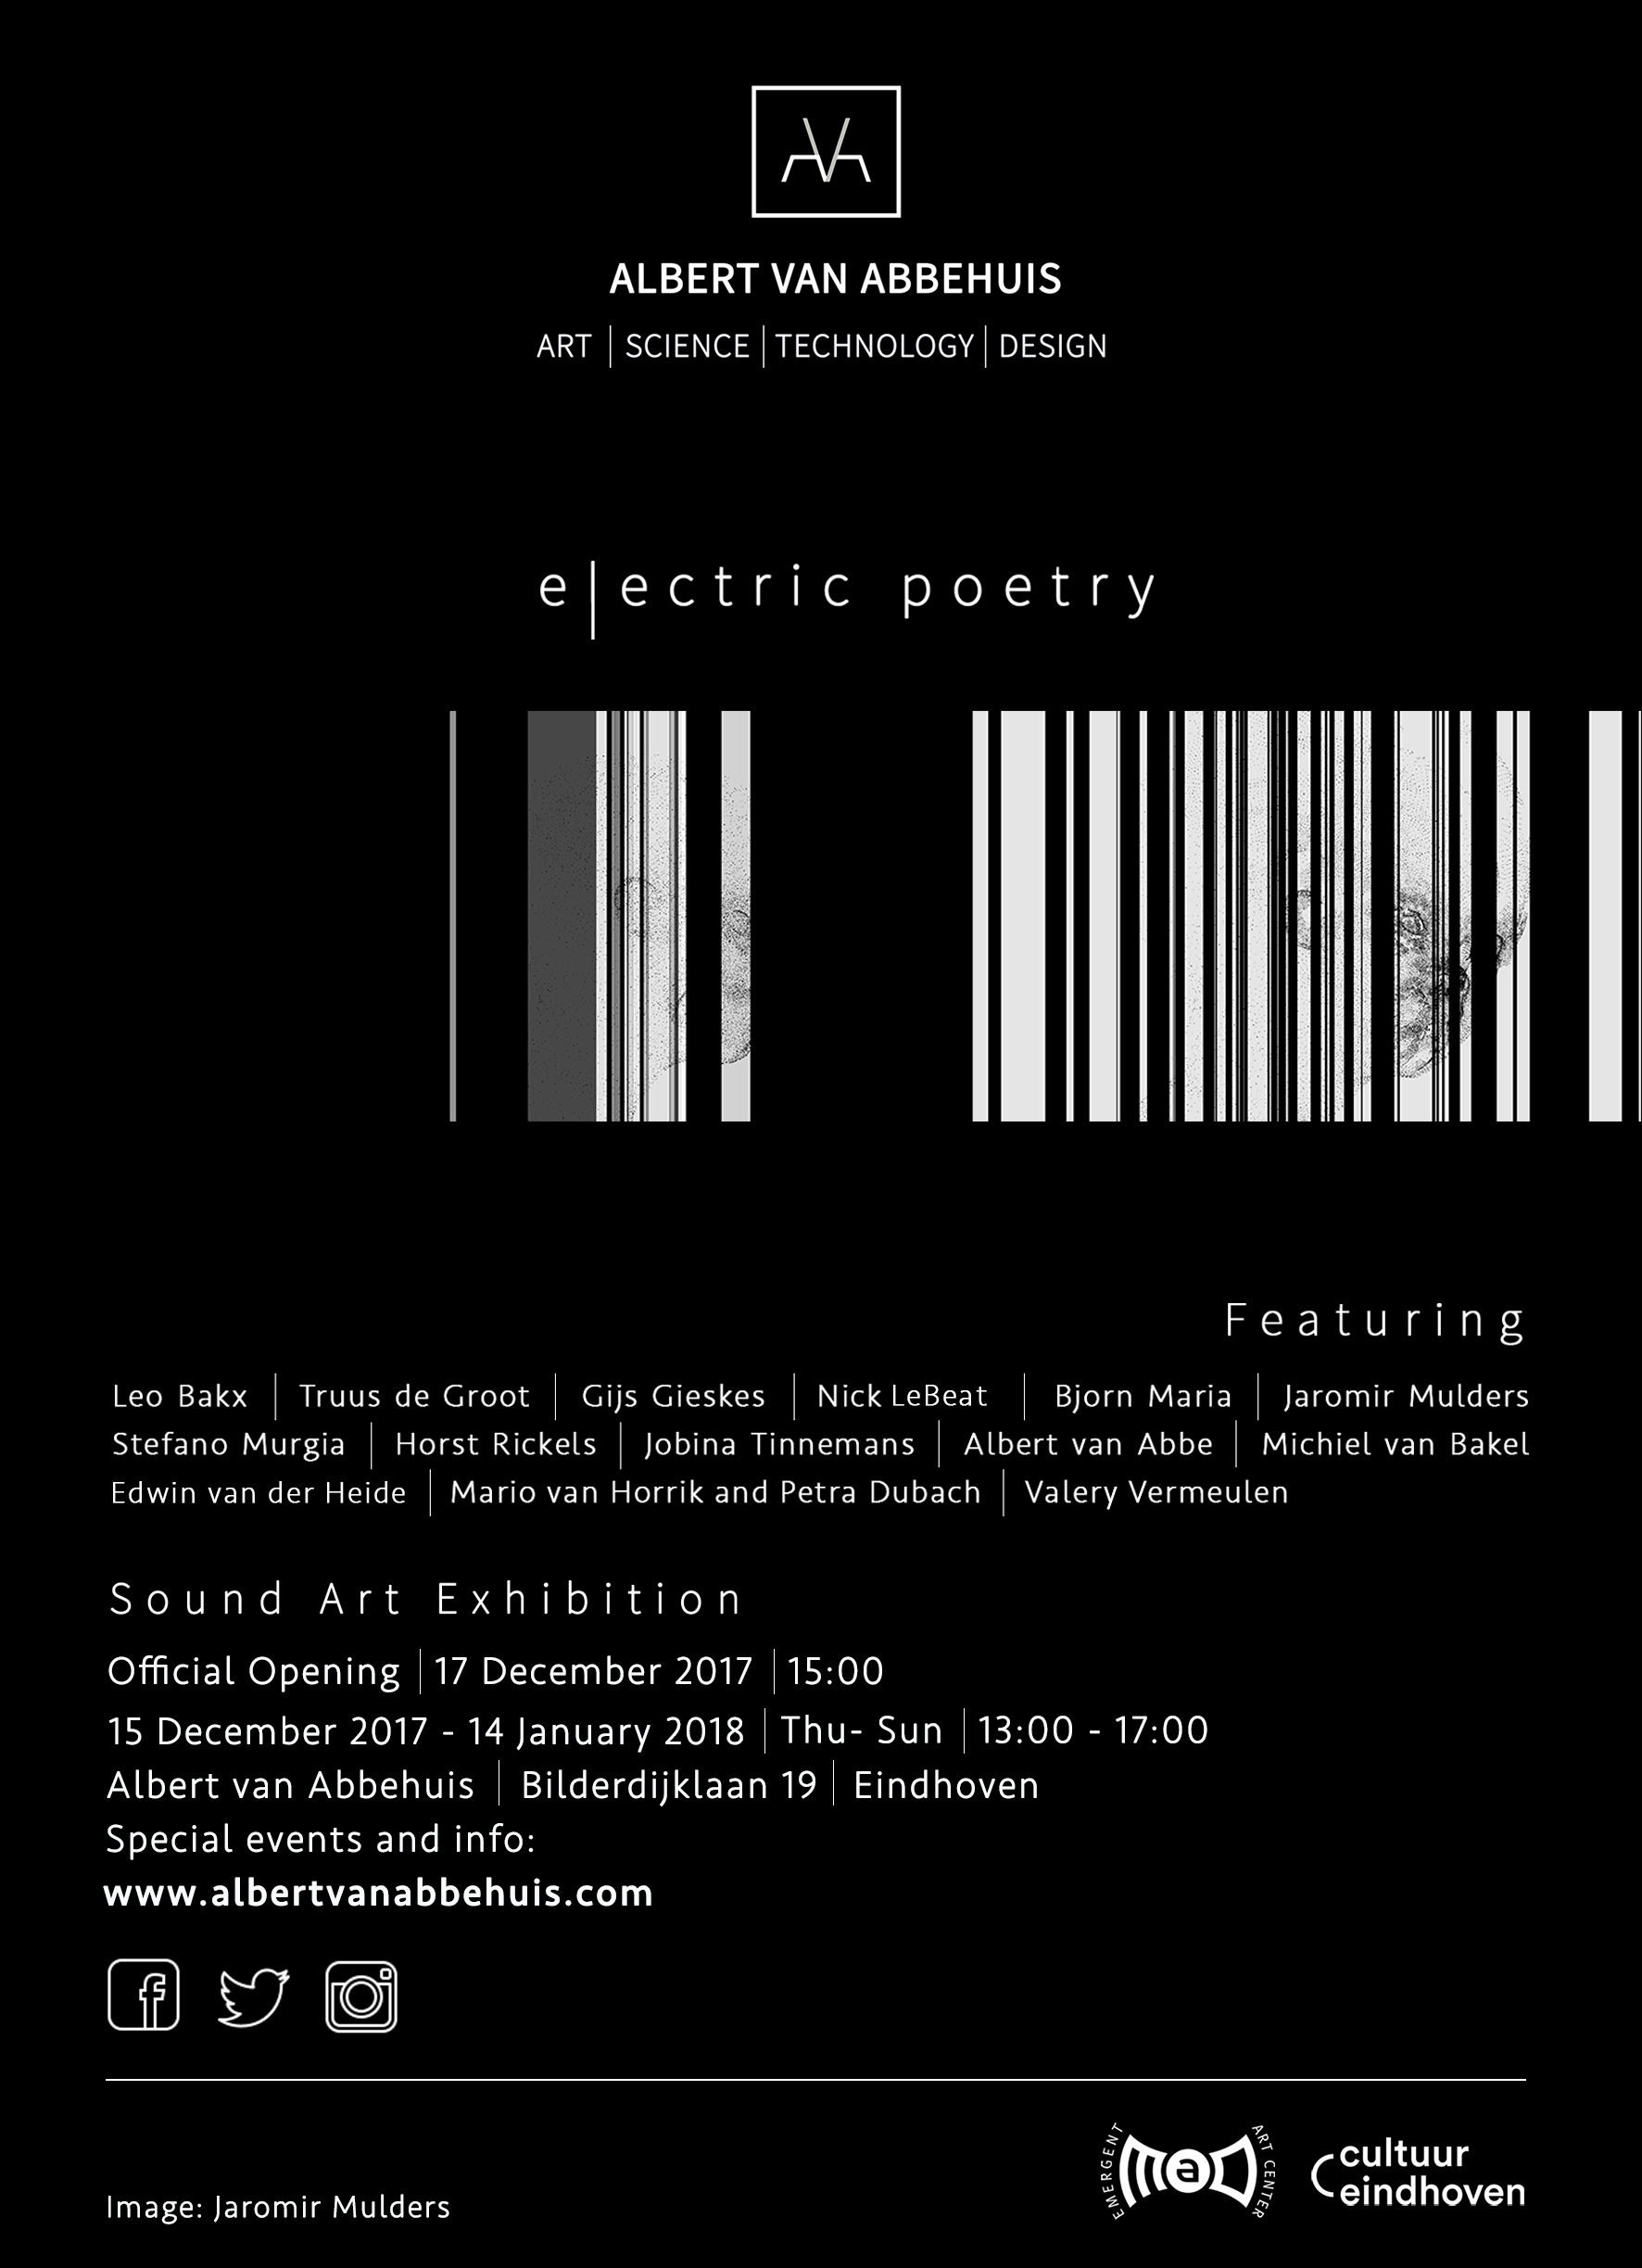 ElectricPoetry.jpg